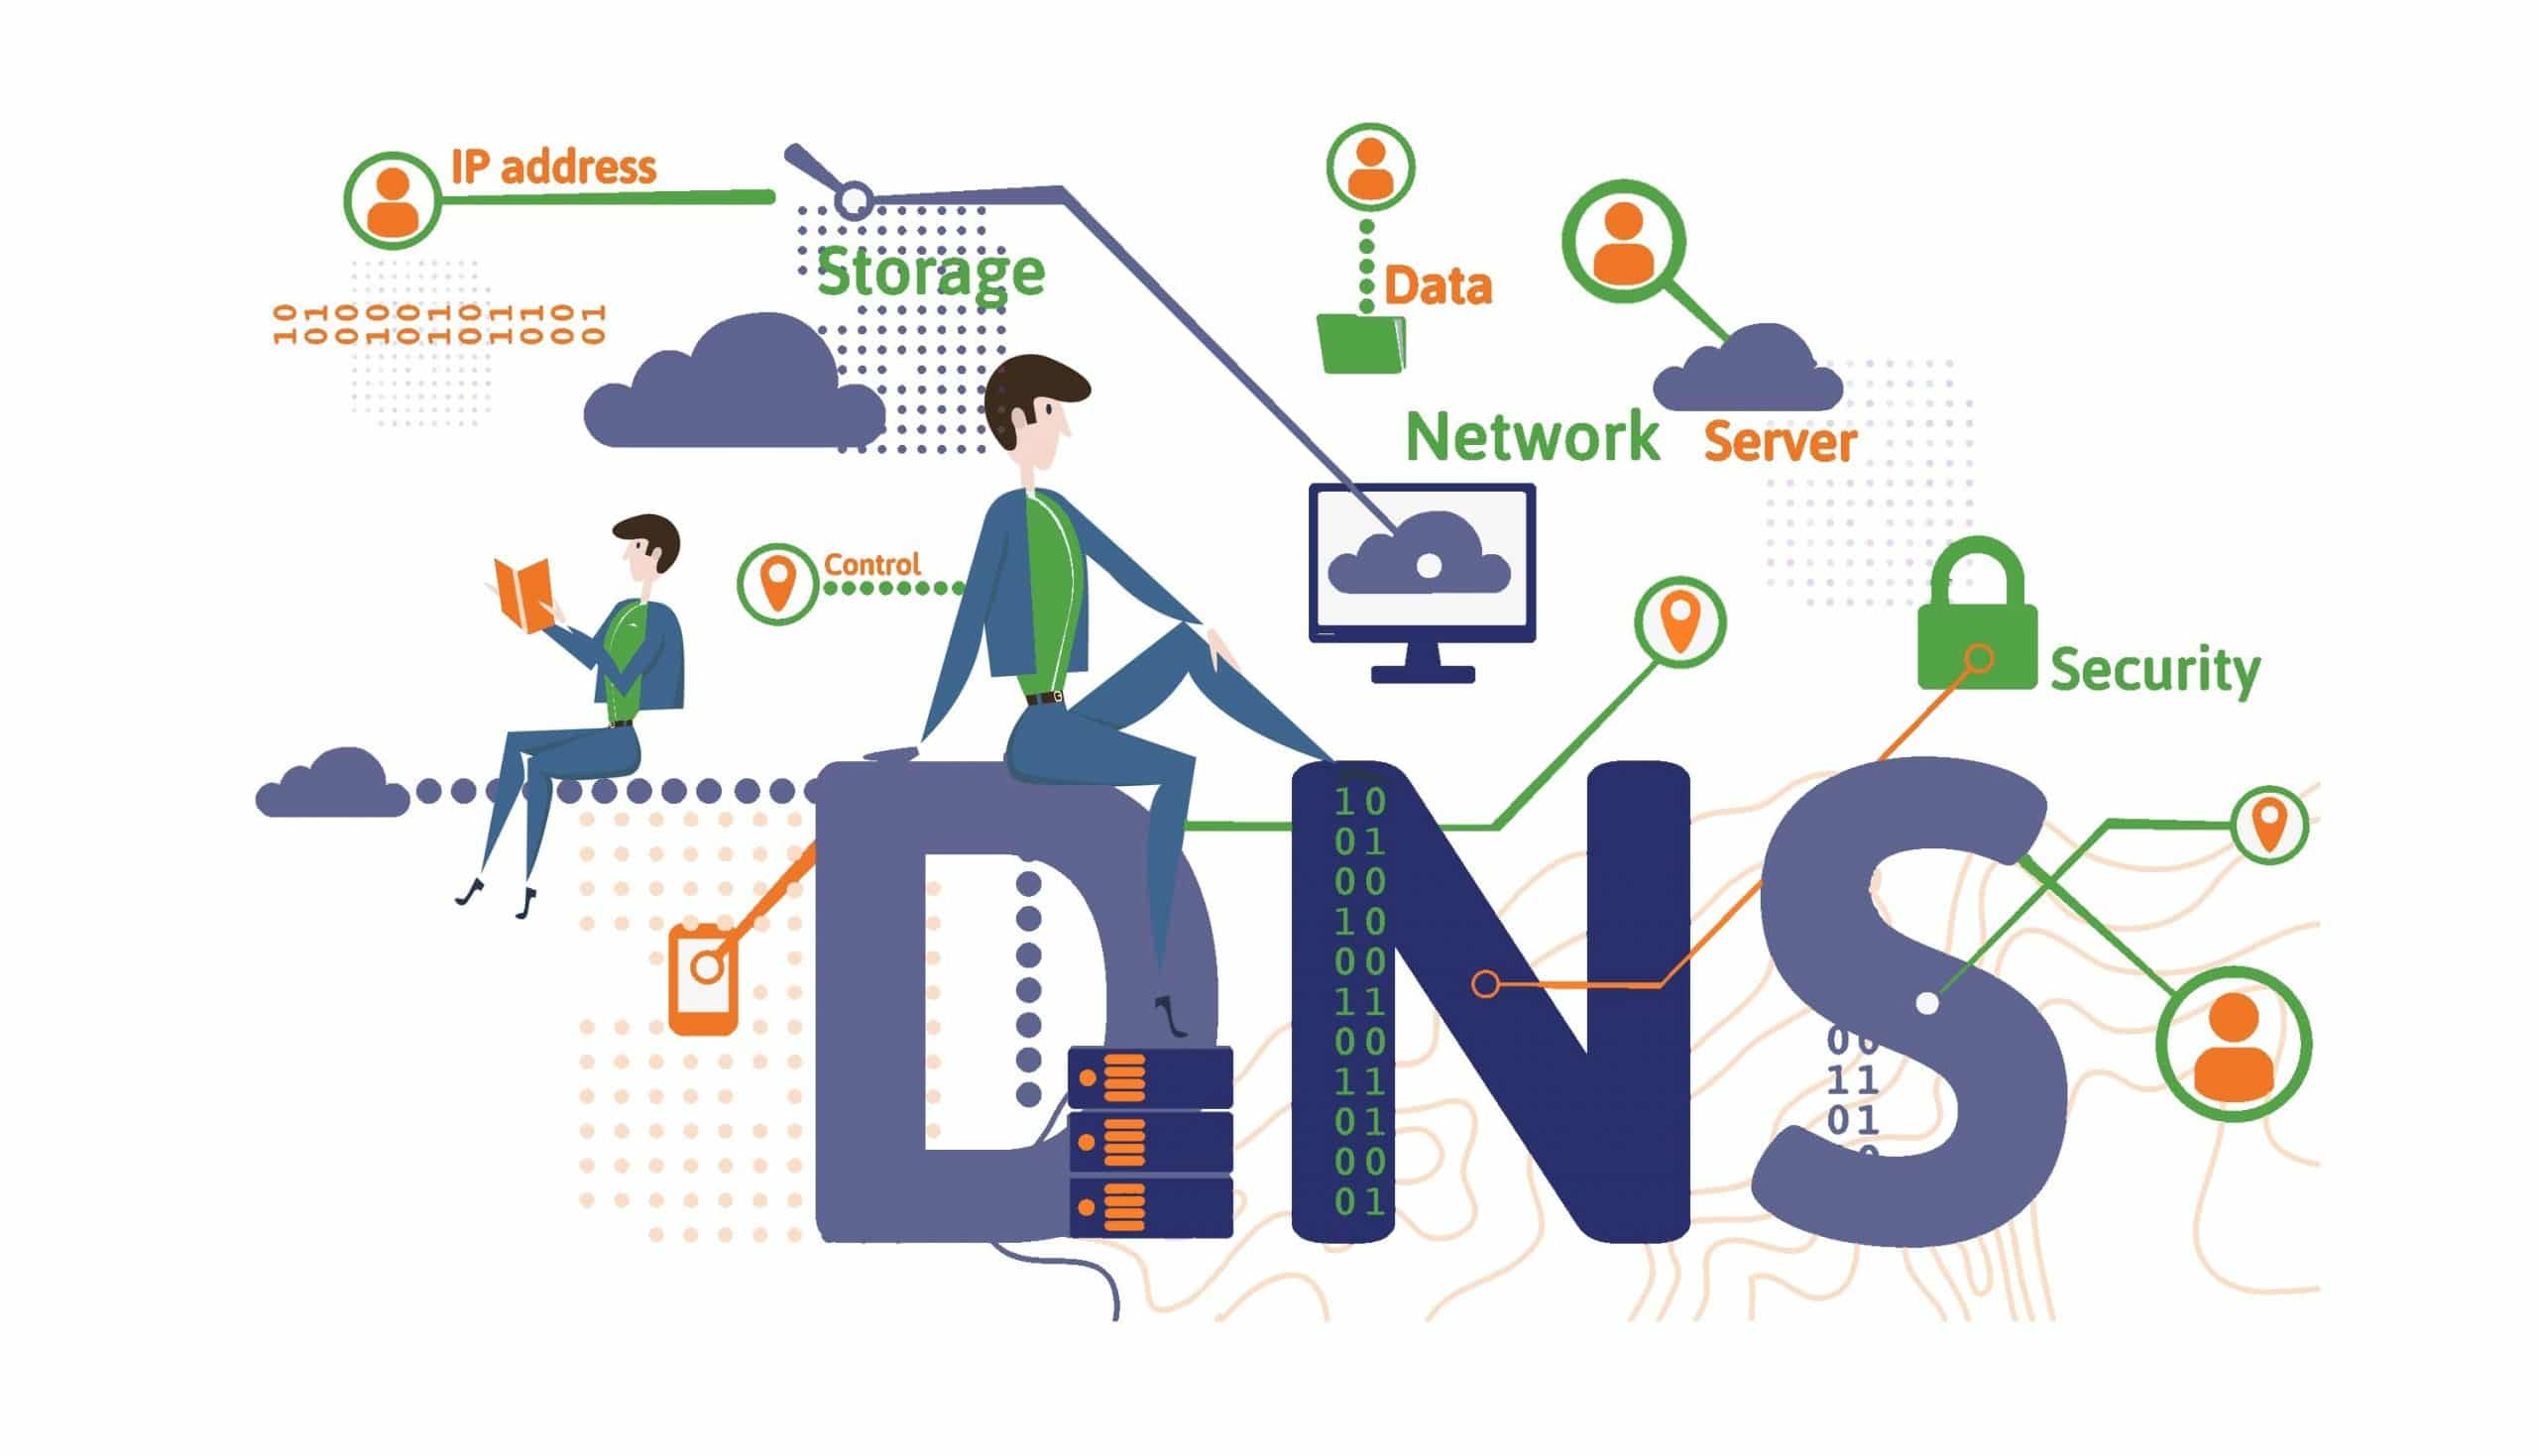 Hướng dẫn sử dụng DNS Manager và quản lý tên miền tại VinaHost